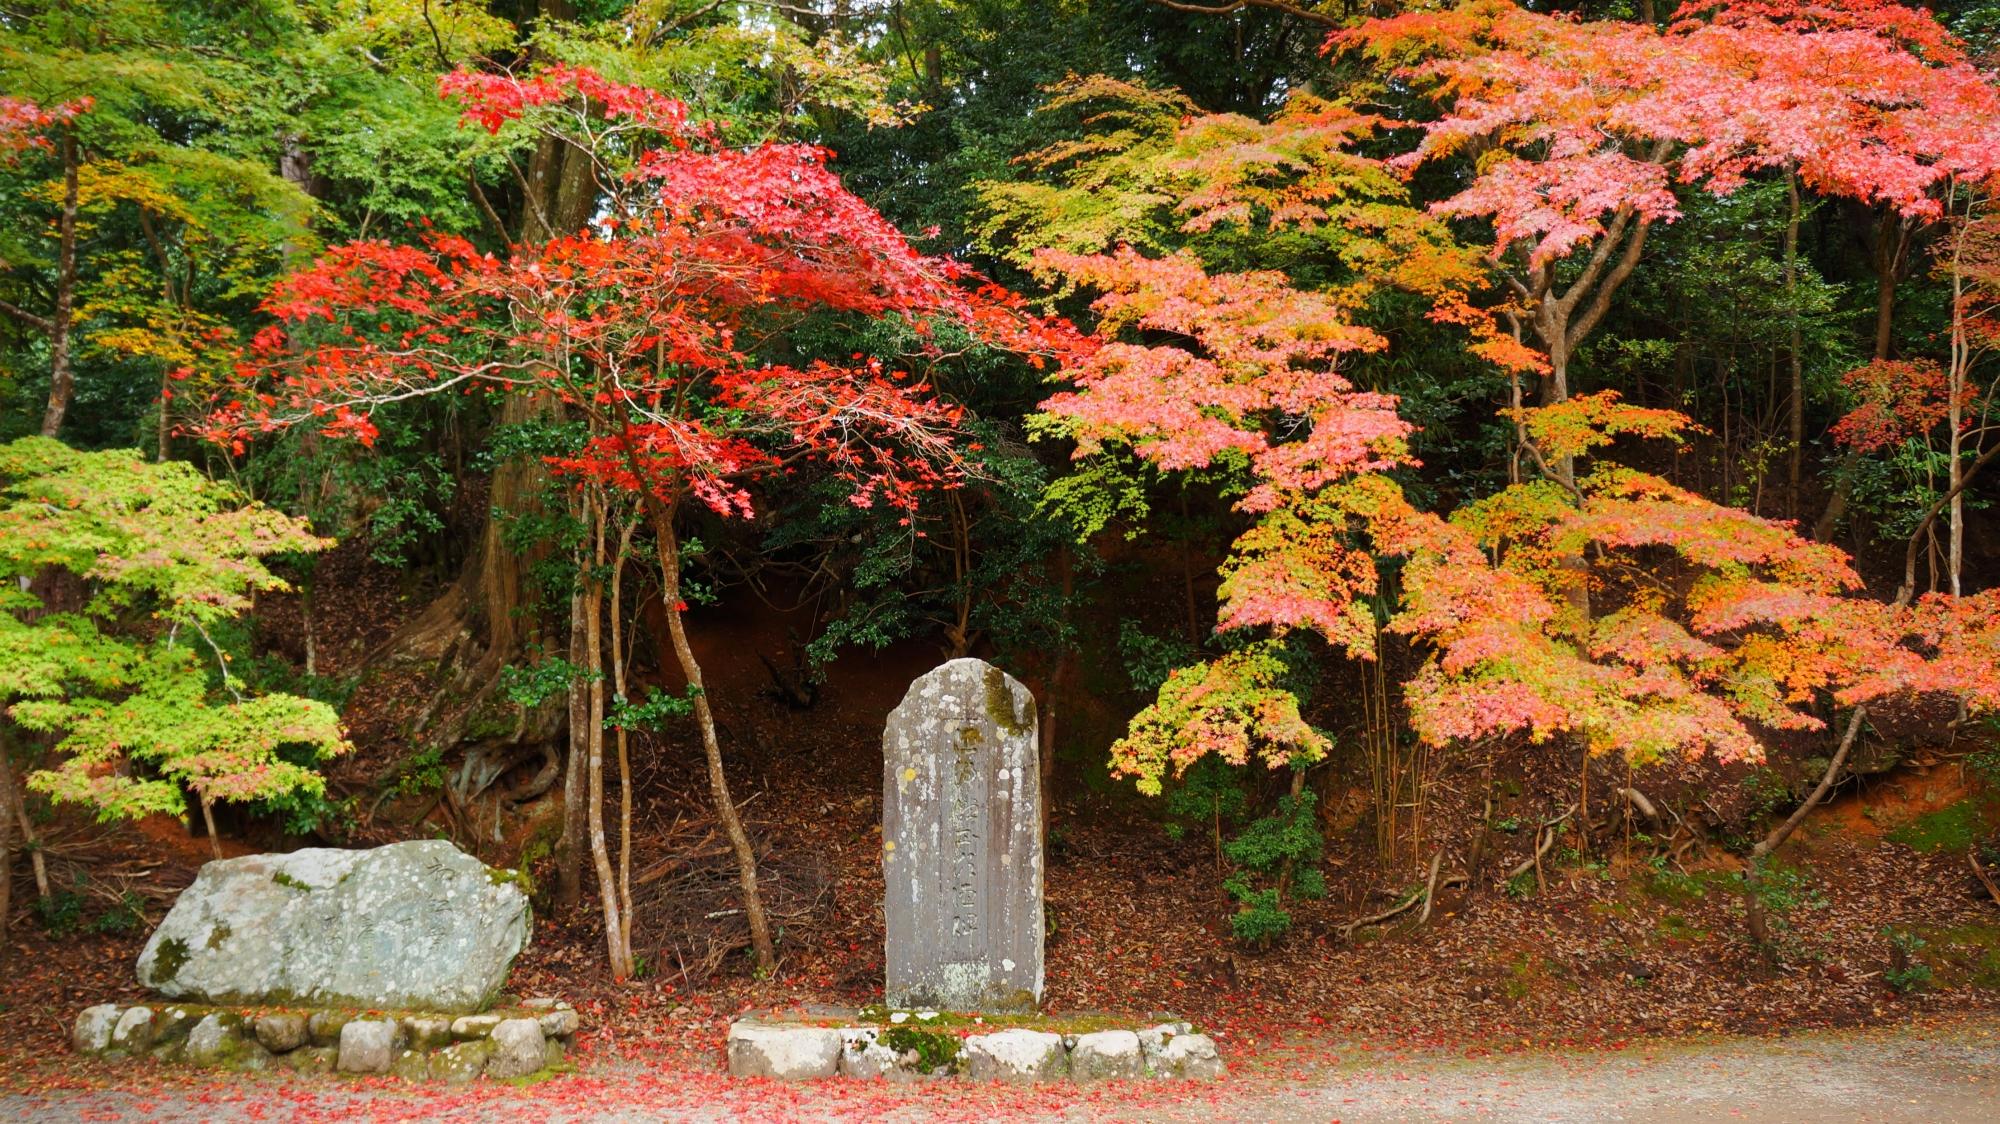 神護寺の能村登四郎の句碑付近の紅葉